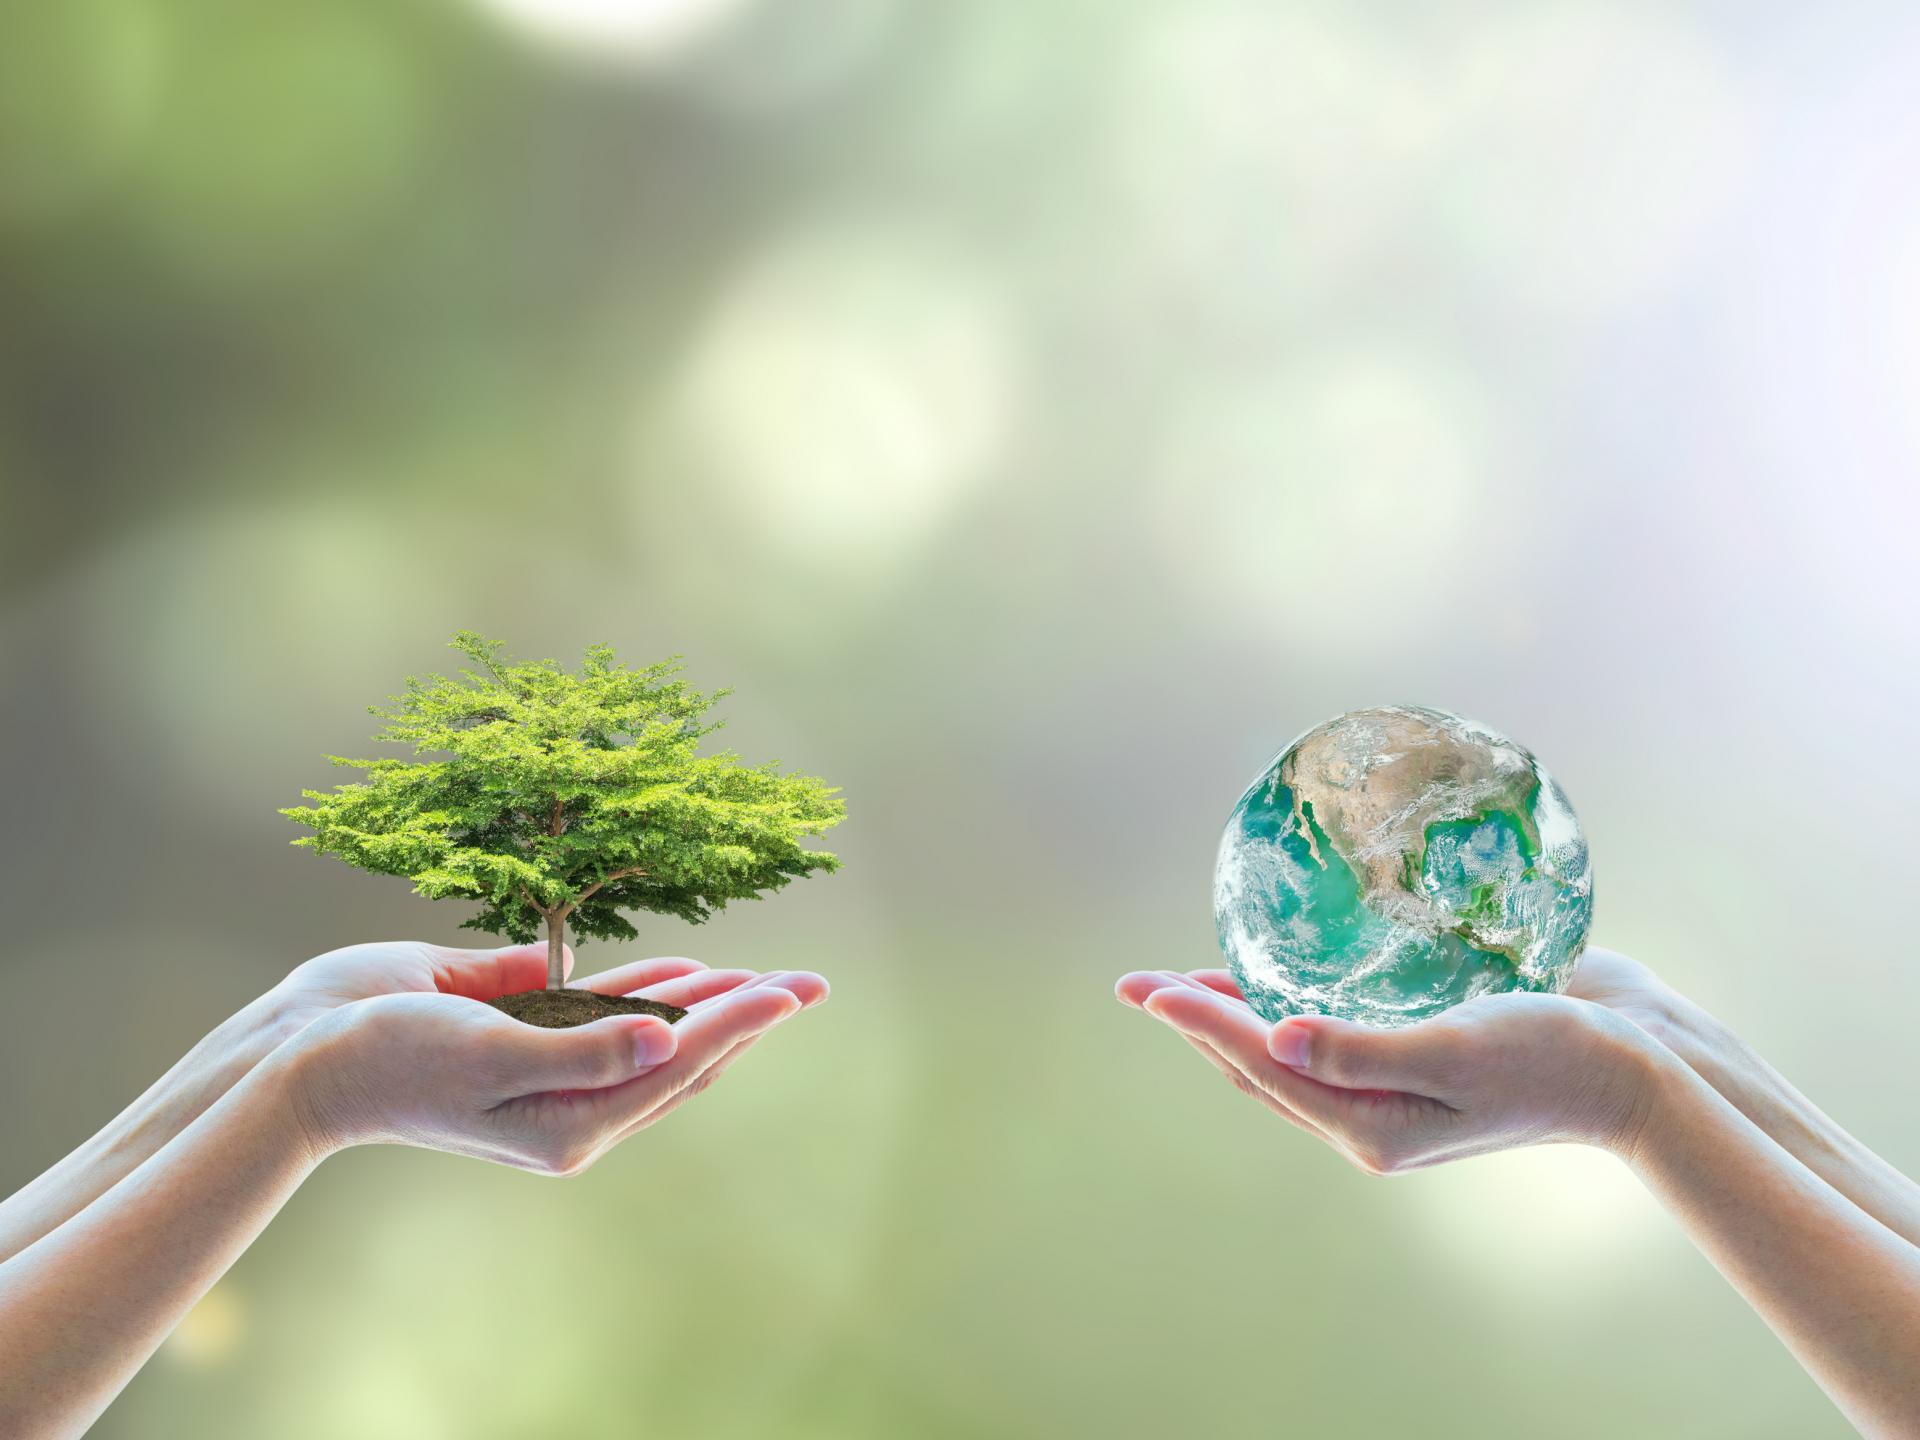 آغاز سومین همایش و بینار ملی آموزش محیط زیست از فردا